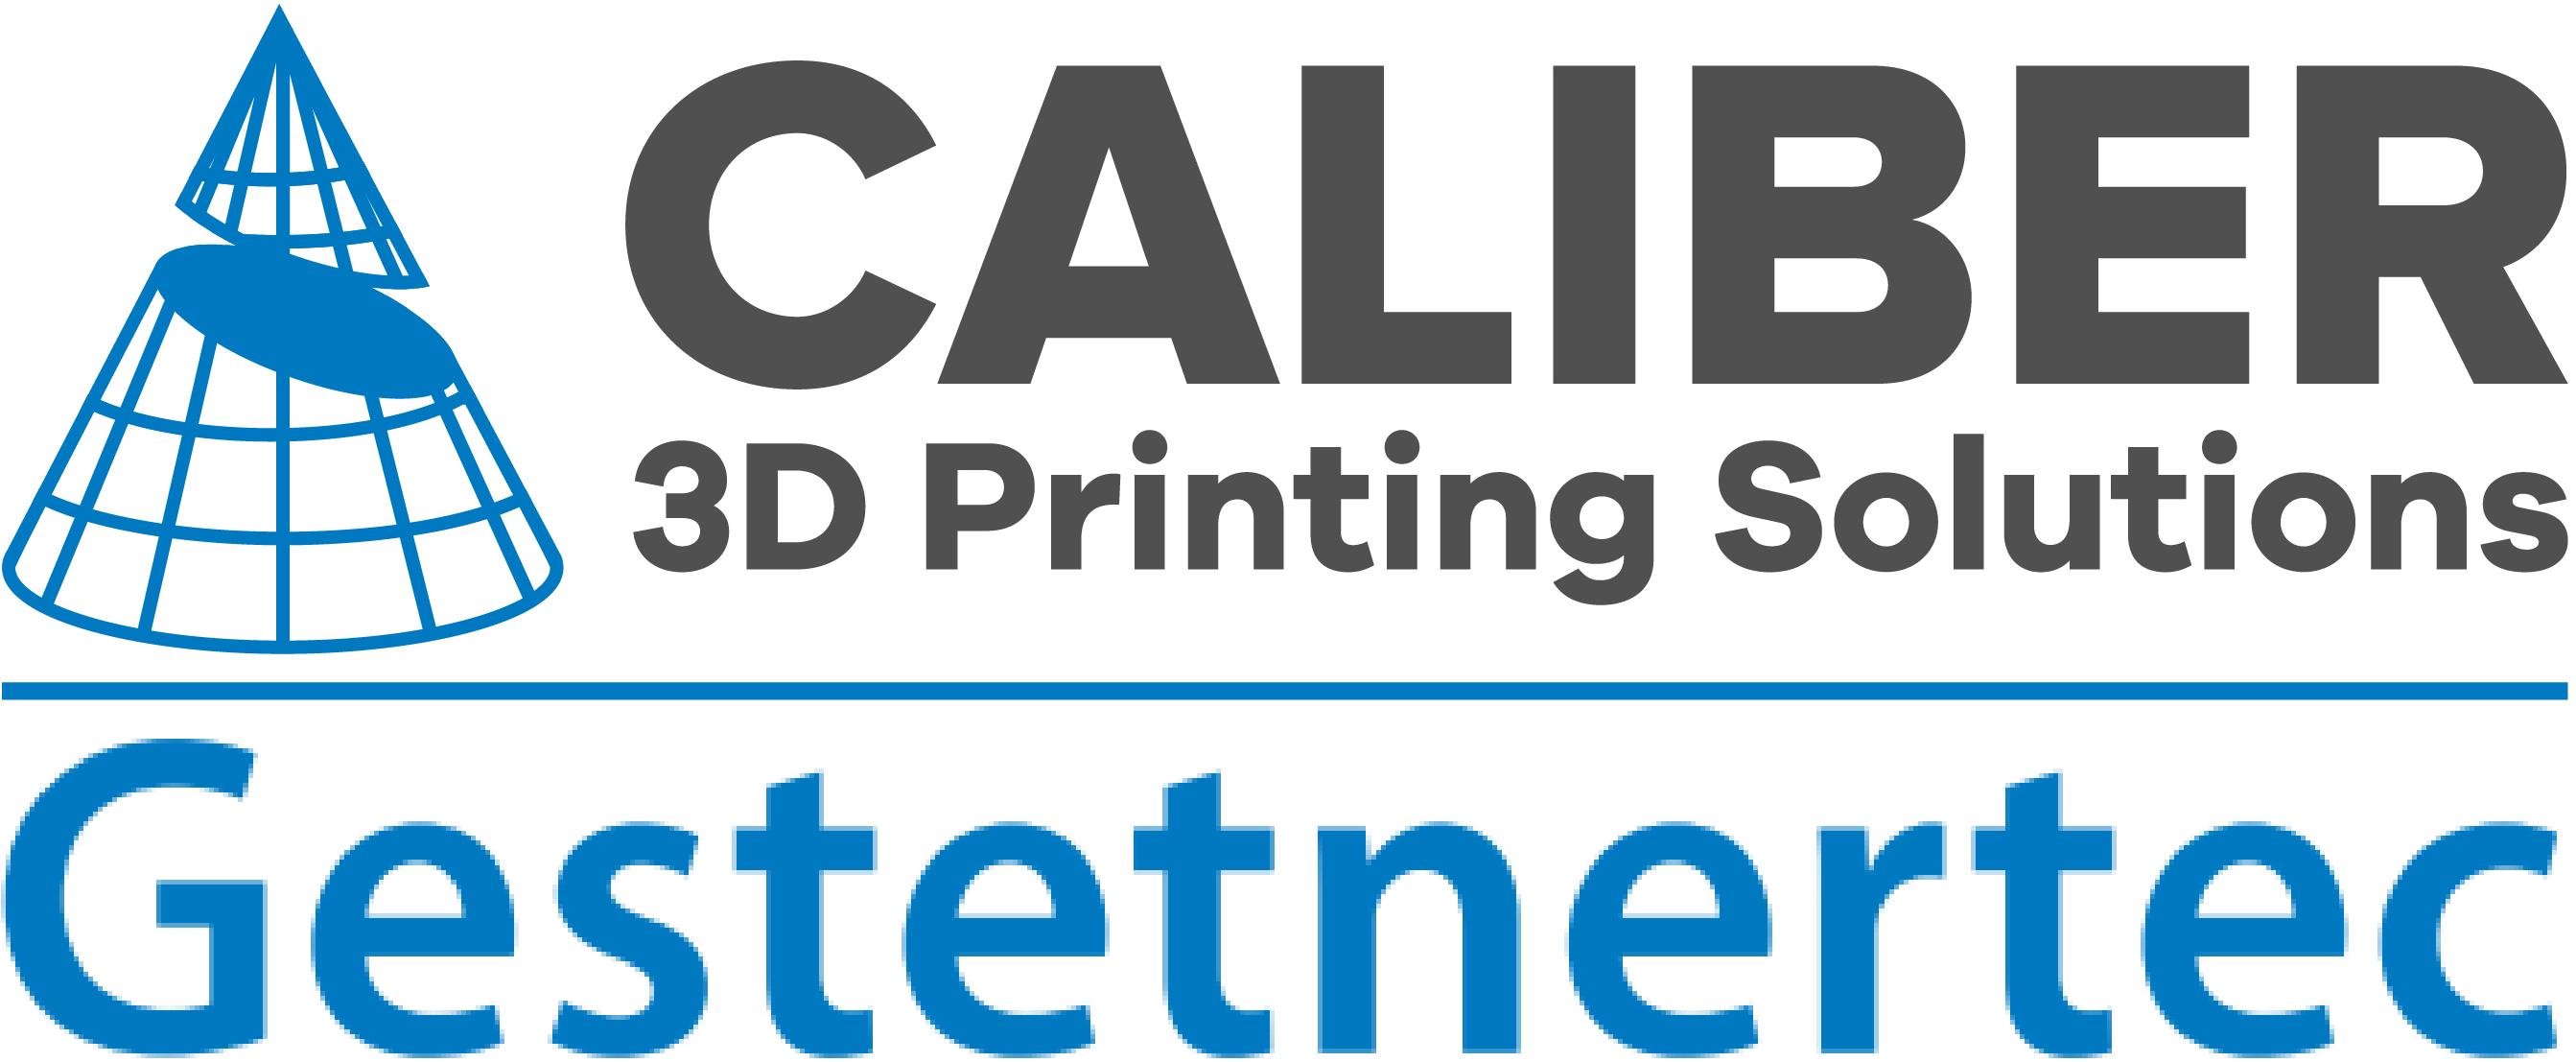 Raise3D Resellers | 3D Printer